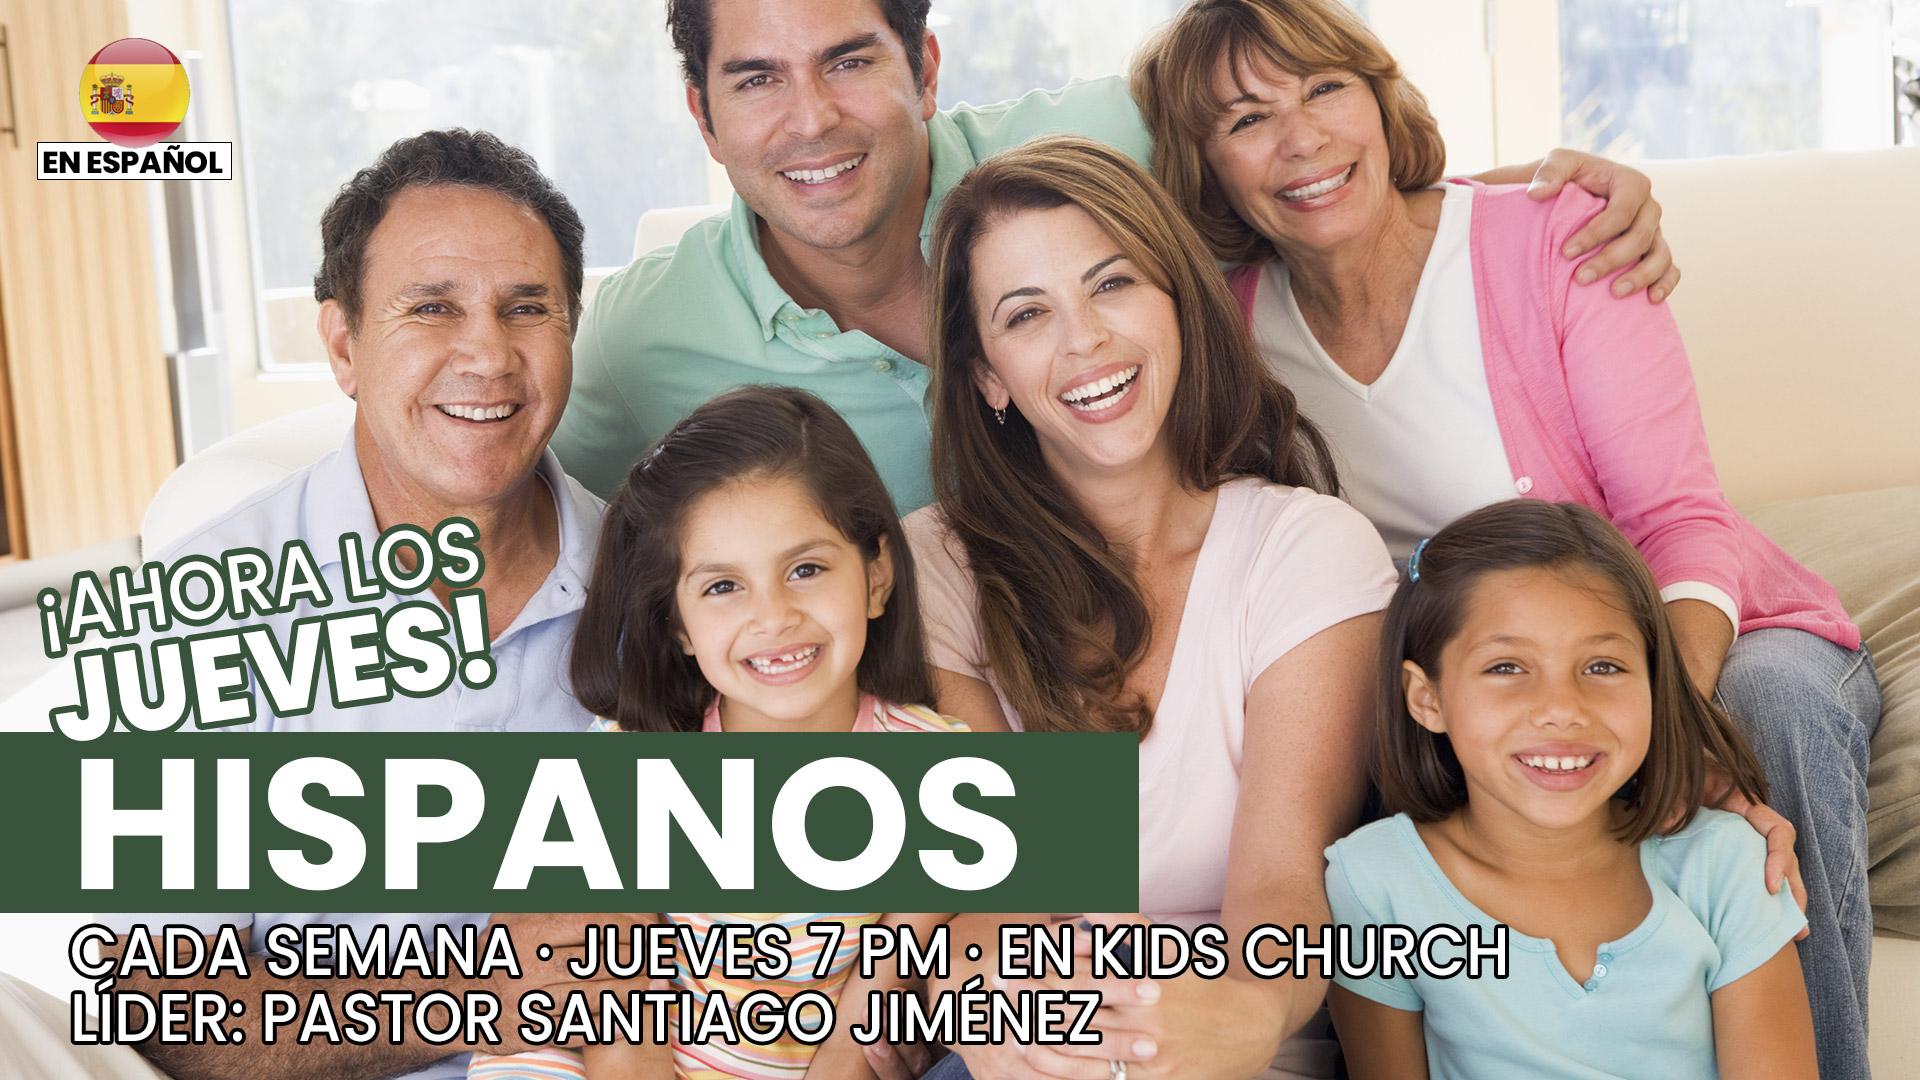 hispanos-nuevo-horario